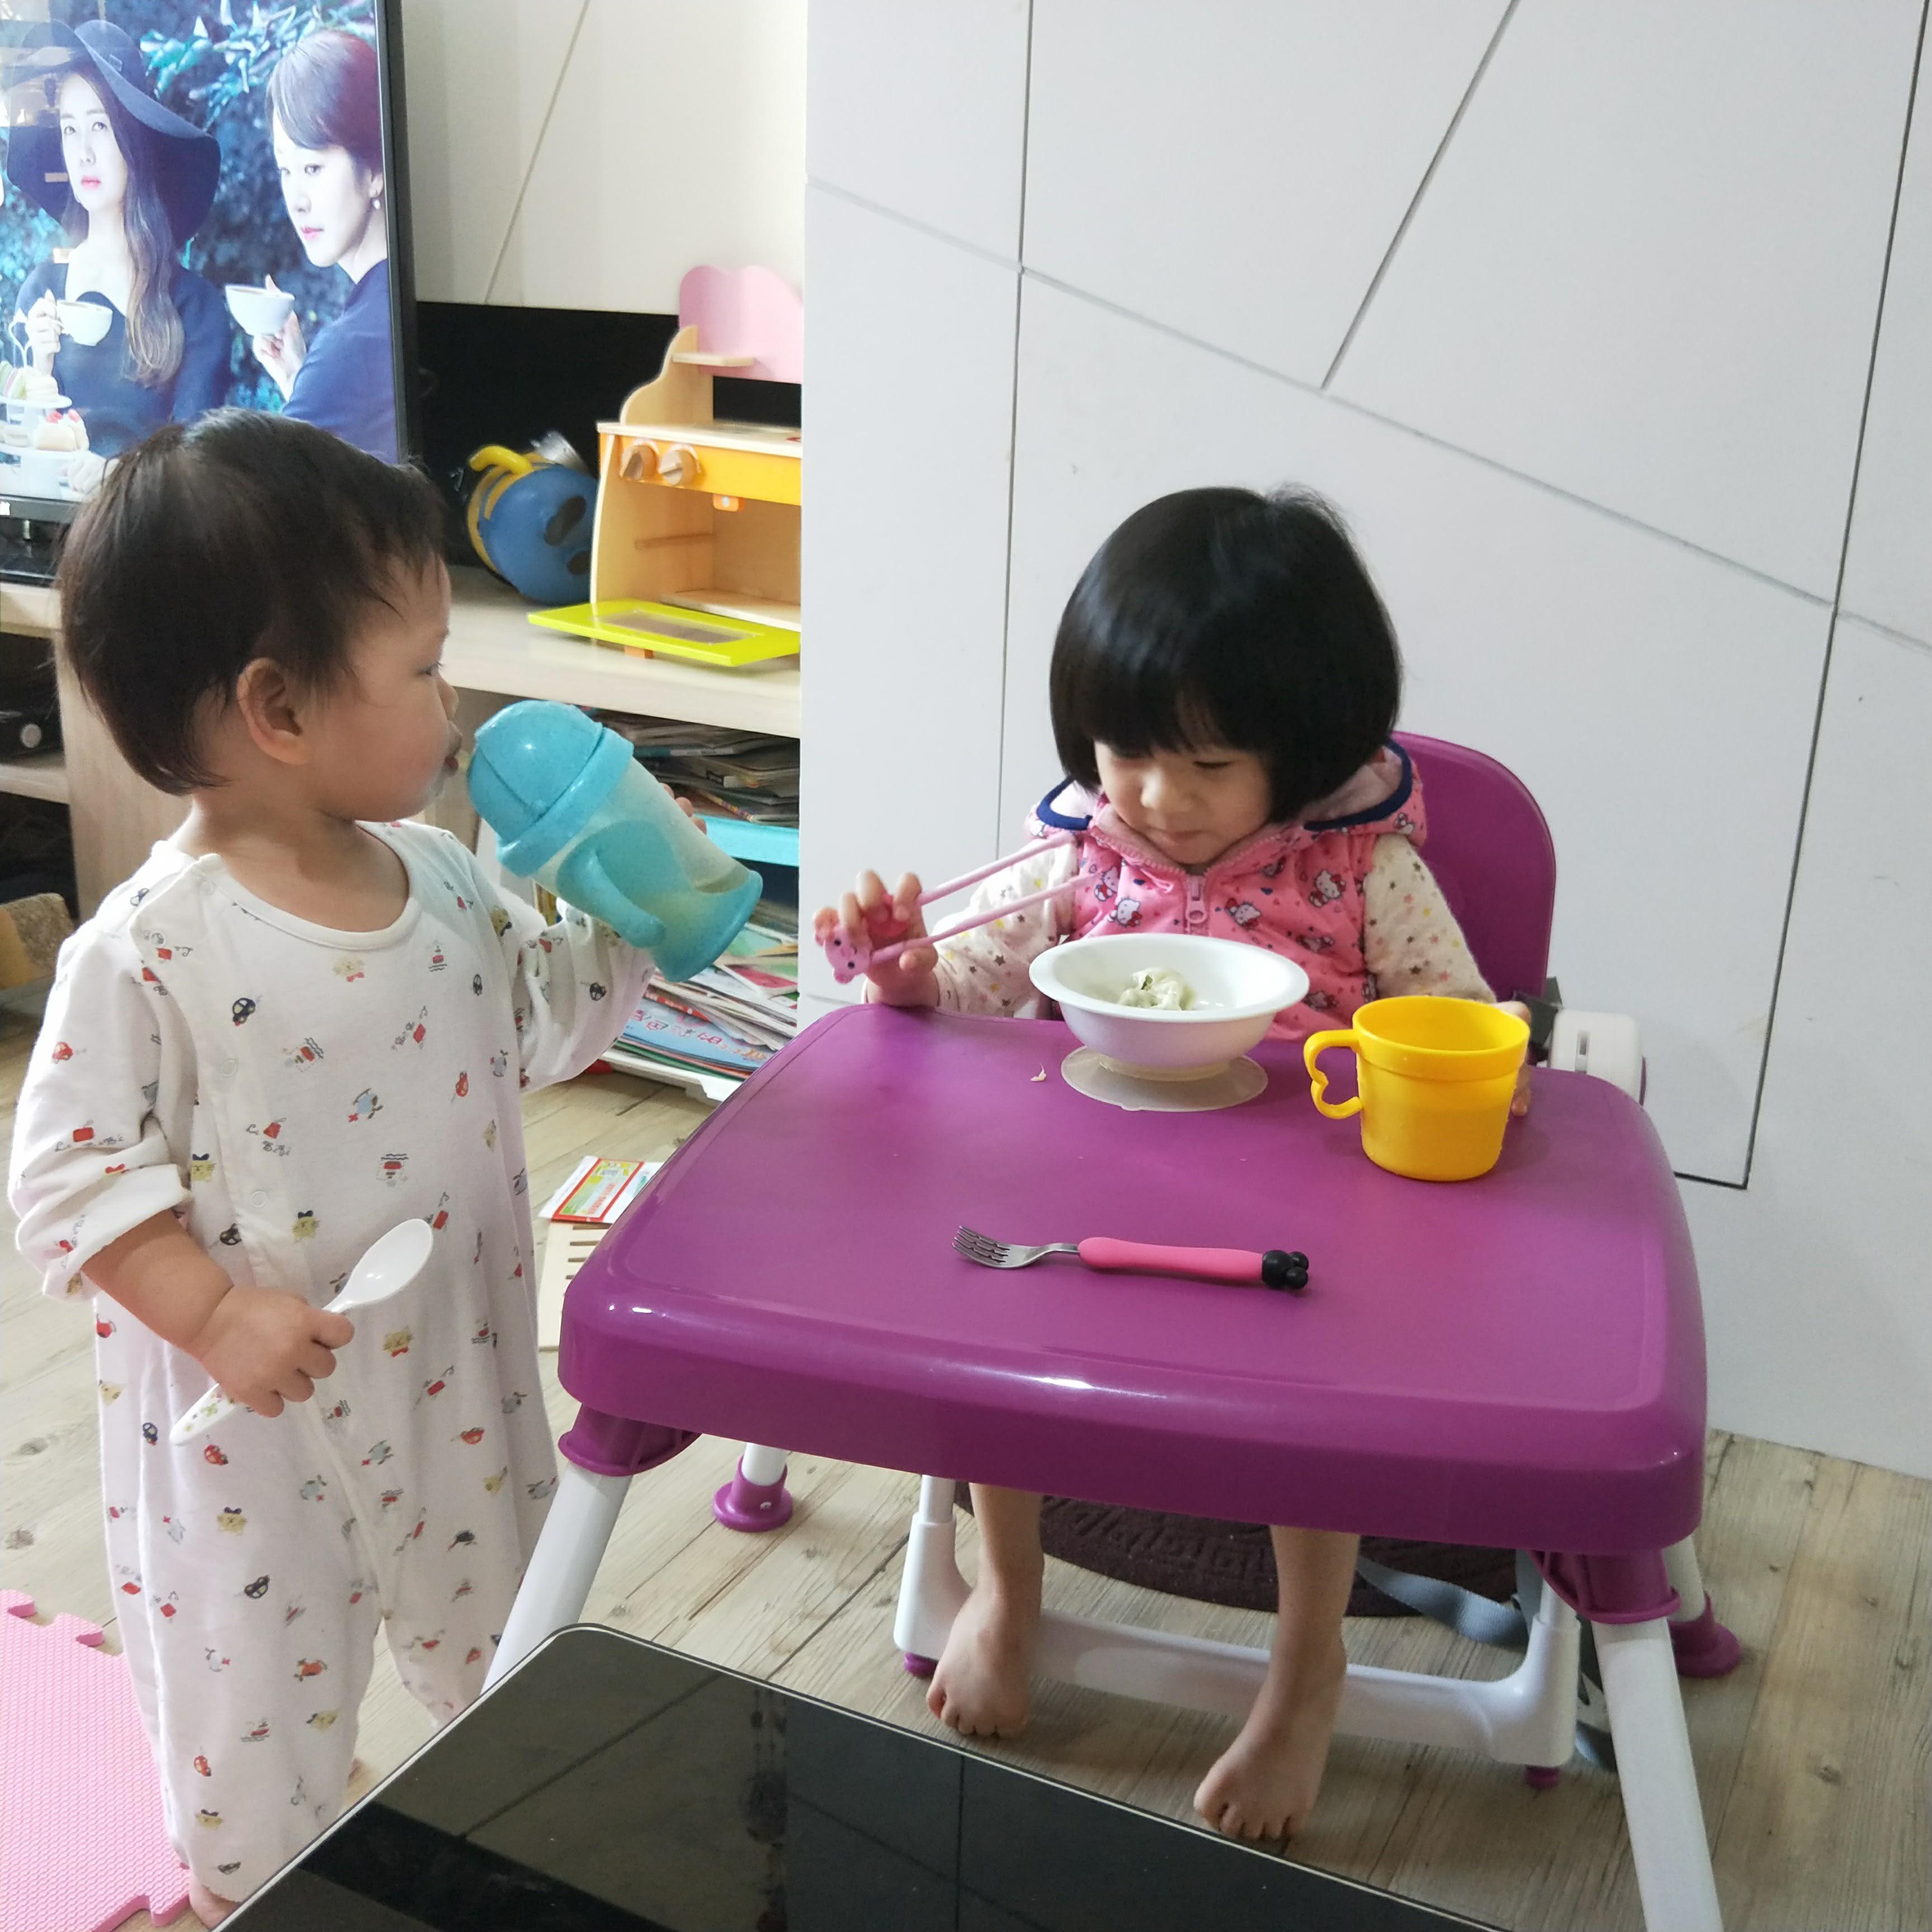 [開箱]小朋友吃飯+野餐好幫手-ZOE 摺疊餐椅X摺疊收納桌